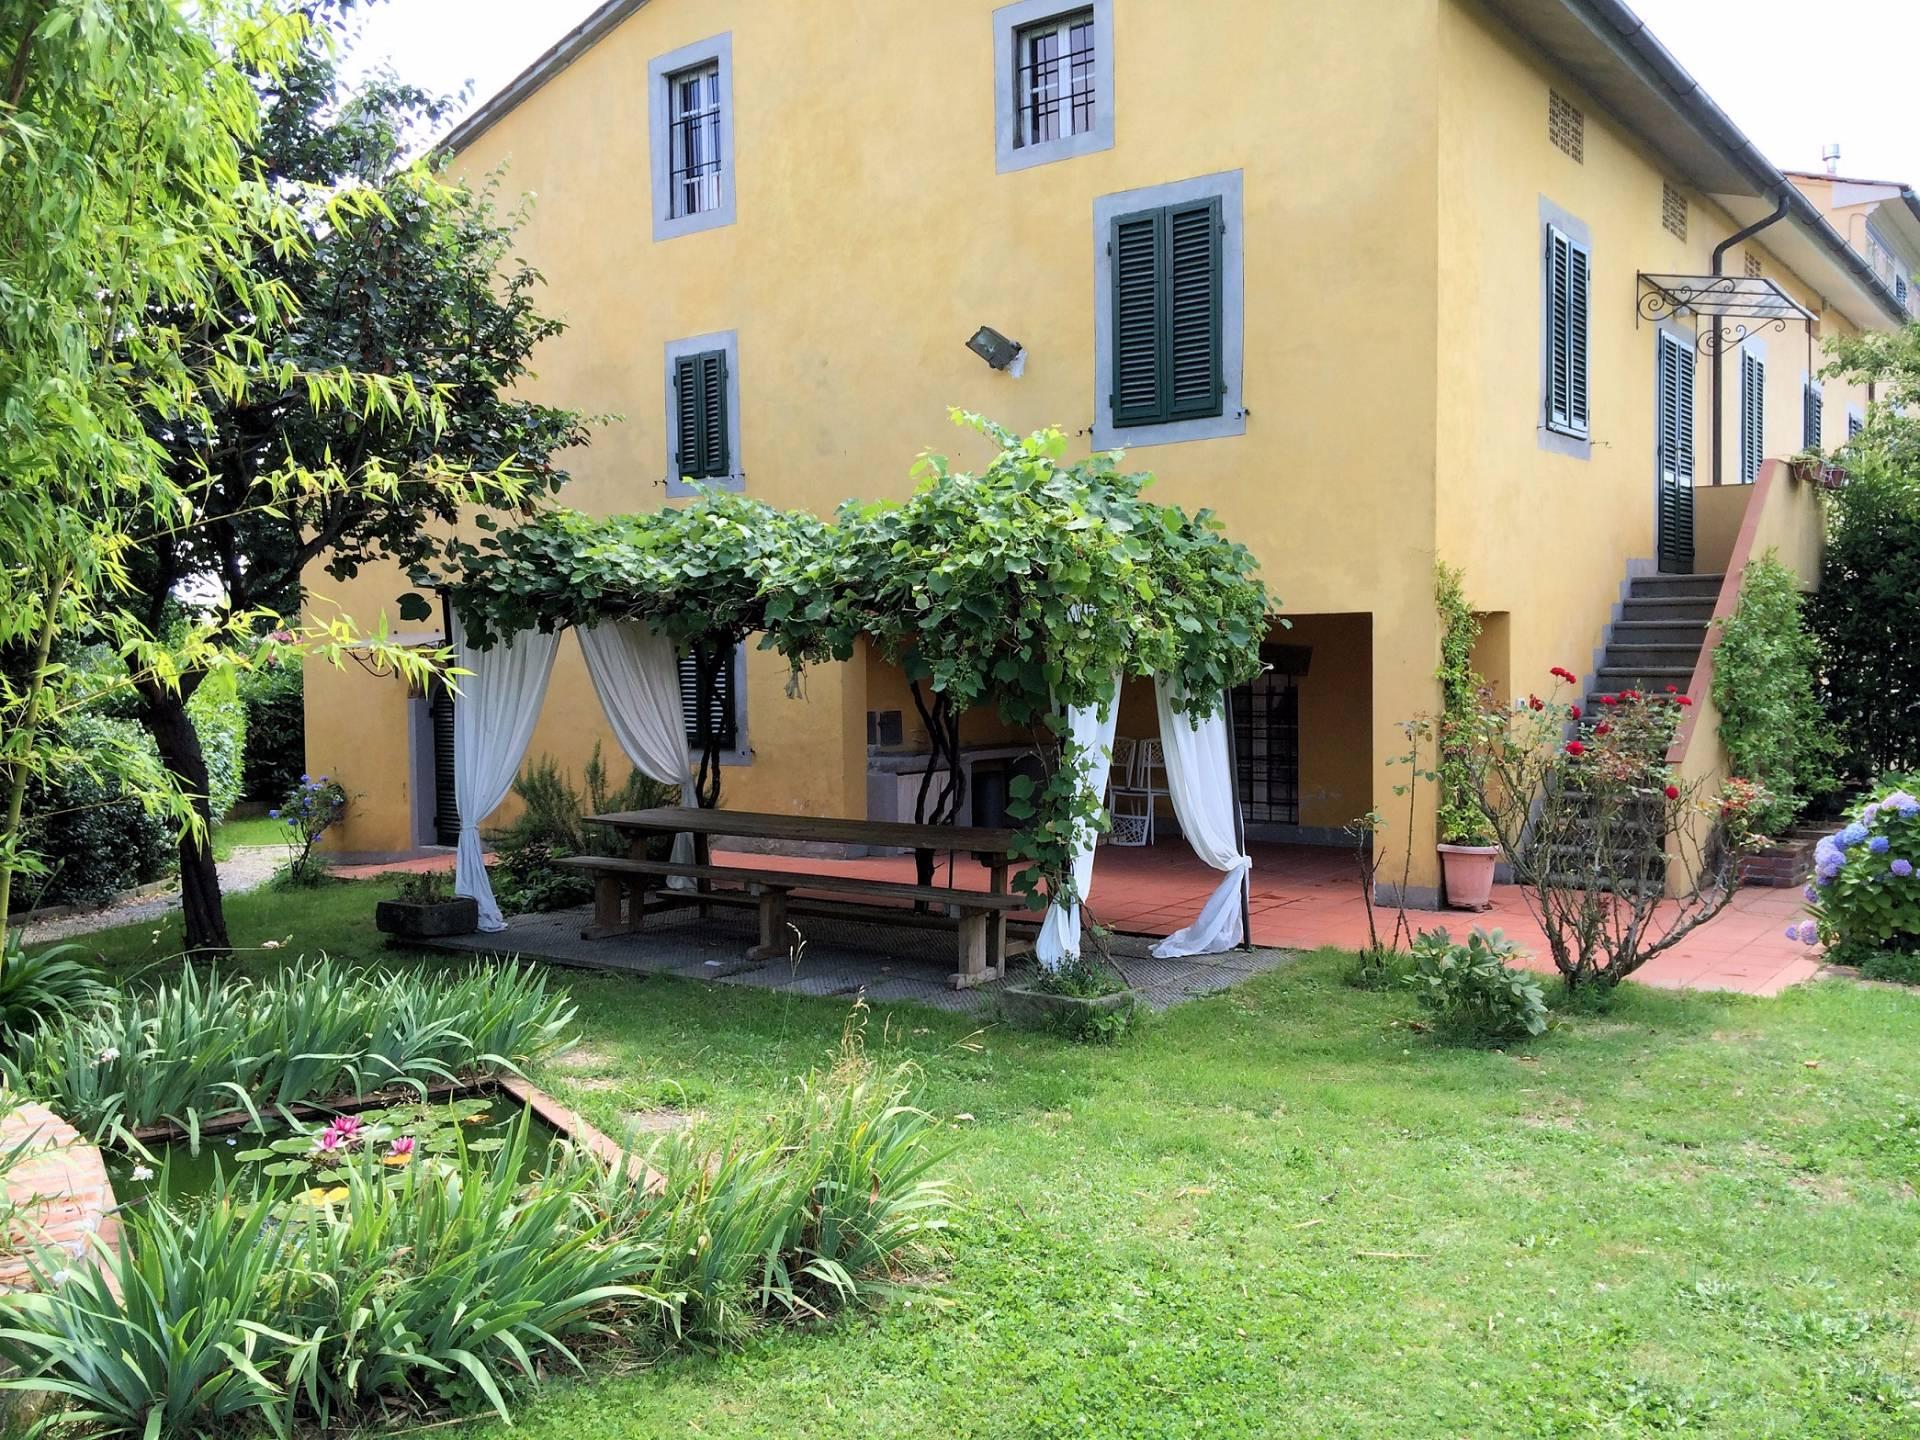 Rustico / Casale in vendita a Montecarlo, 9 locali, zona Località: SanGiuseppe, prezzo € 480.000 | Cambio Casa.it